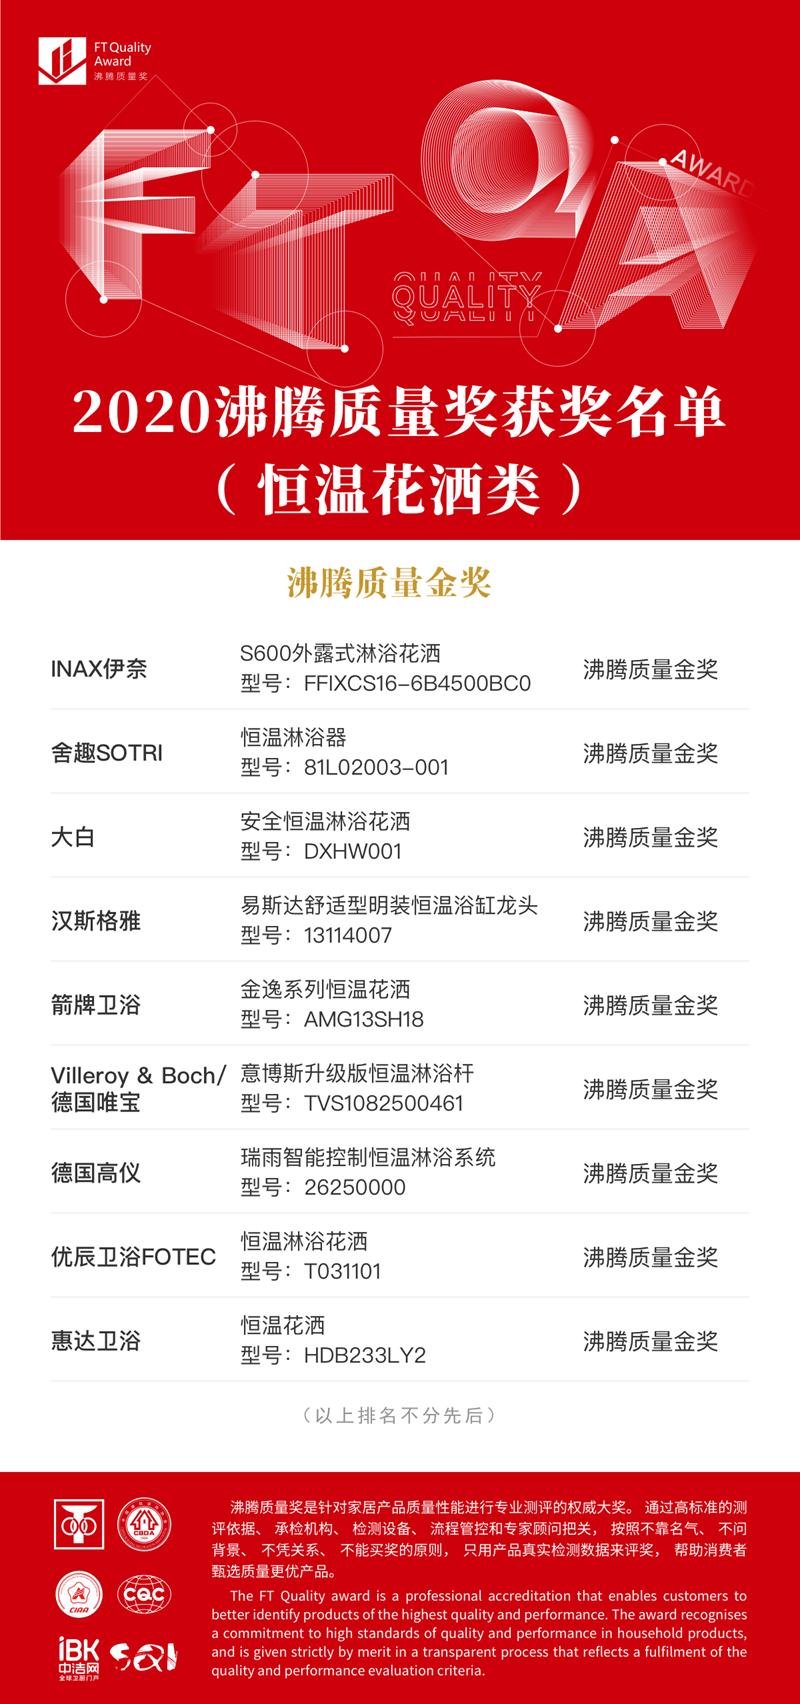 6 沸腾质量奖-恒温花洒-金奖_副本.png